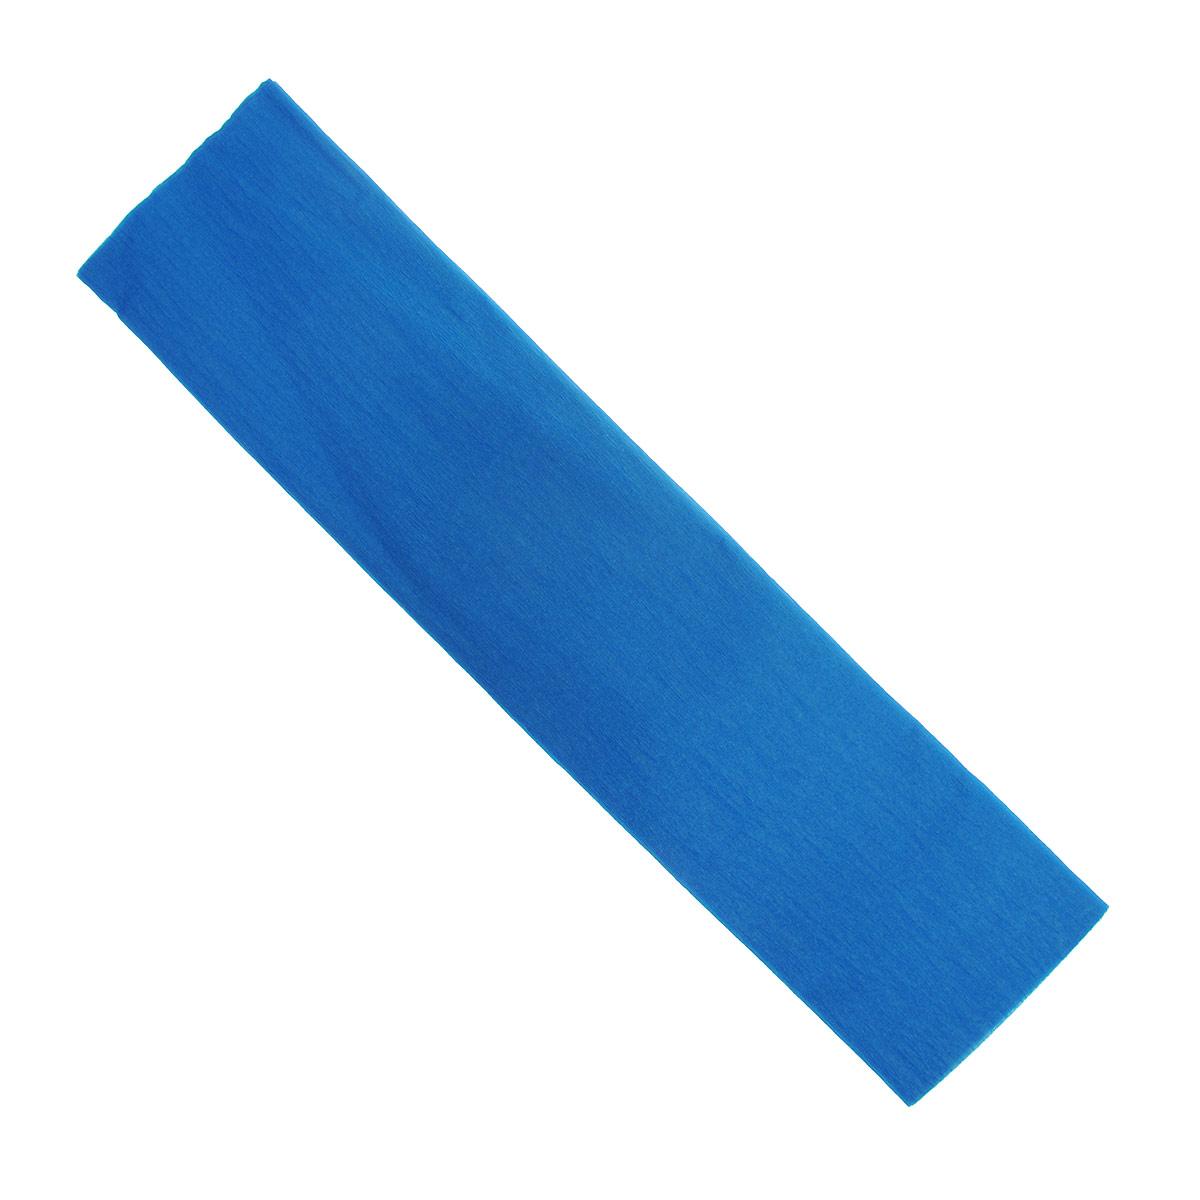 Крепированная бумага Hatber, флюоресцентная, цвет: синий, 5 см х 25 см1-40-252Цветная флюоресцентная бумага Hatber - отличный вариант для развития творчества вашего ребенка. Бумага с фактурным покрытием очень гибкая и мягкая, из нее можно создавать чудесные аппликации, игрушки, подарки и объемные поделки. Цветная флюоресцентная бумага Hatber способствует развитию фантазии, цветовосприятия и мелкой моторики рук. Размер бумаги - 5 см х 25 см.